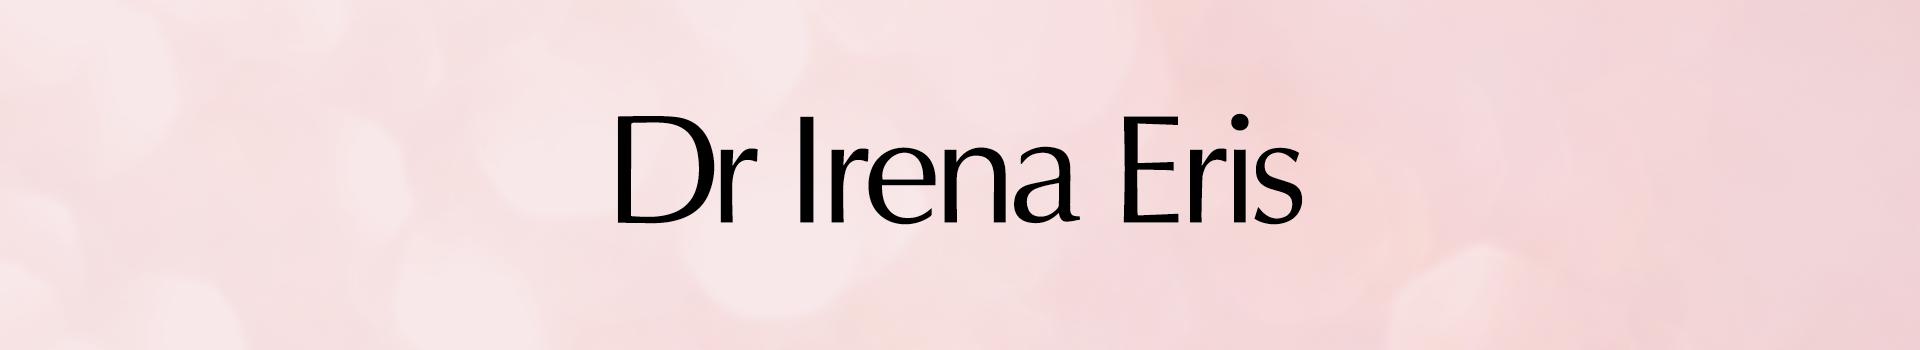 Banner Merk Dr. Irena Eris